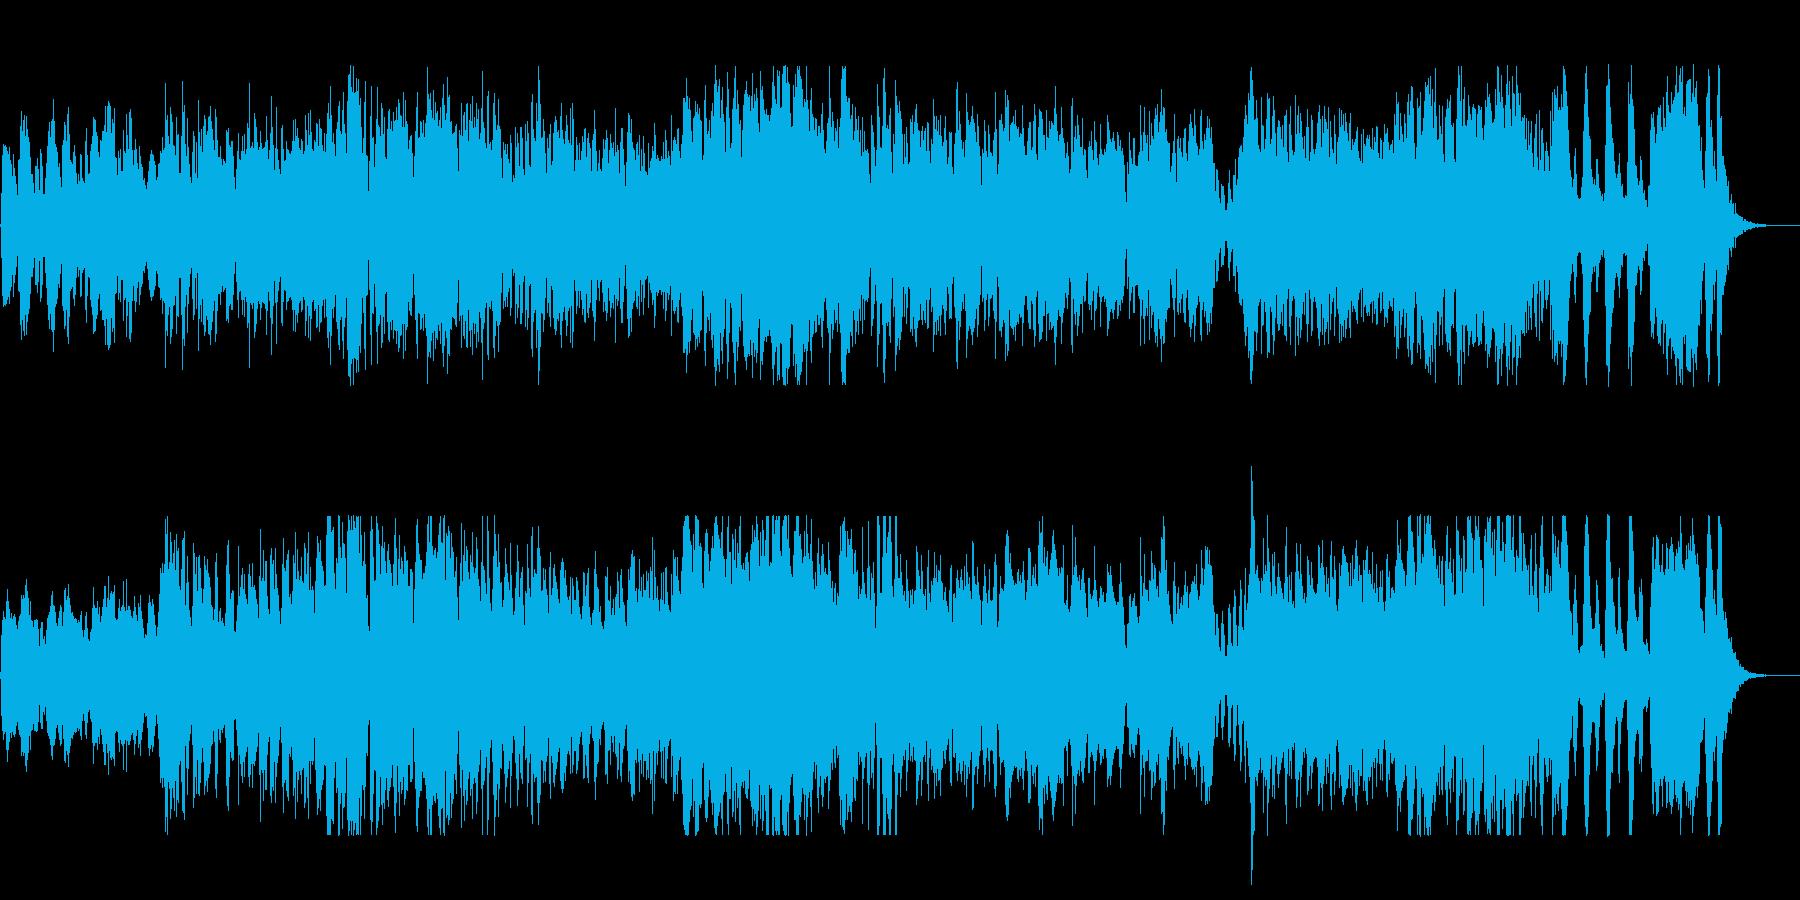 メルヘンなオープニングオーケストラの再生済みの波形